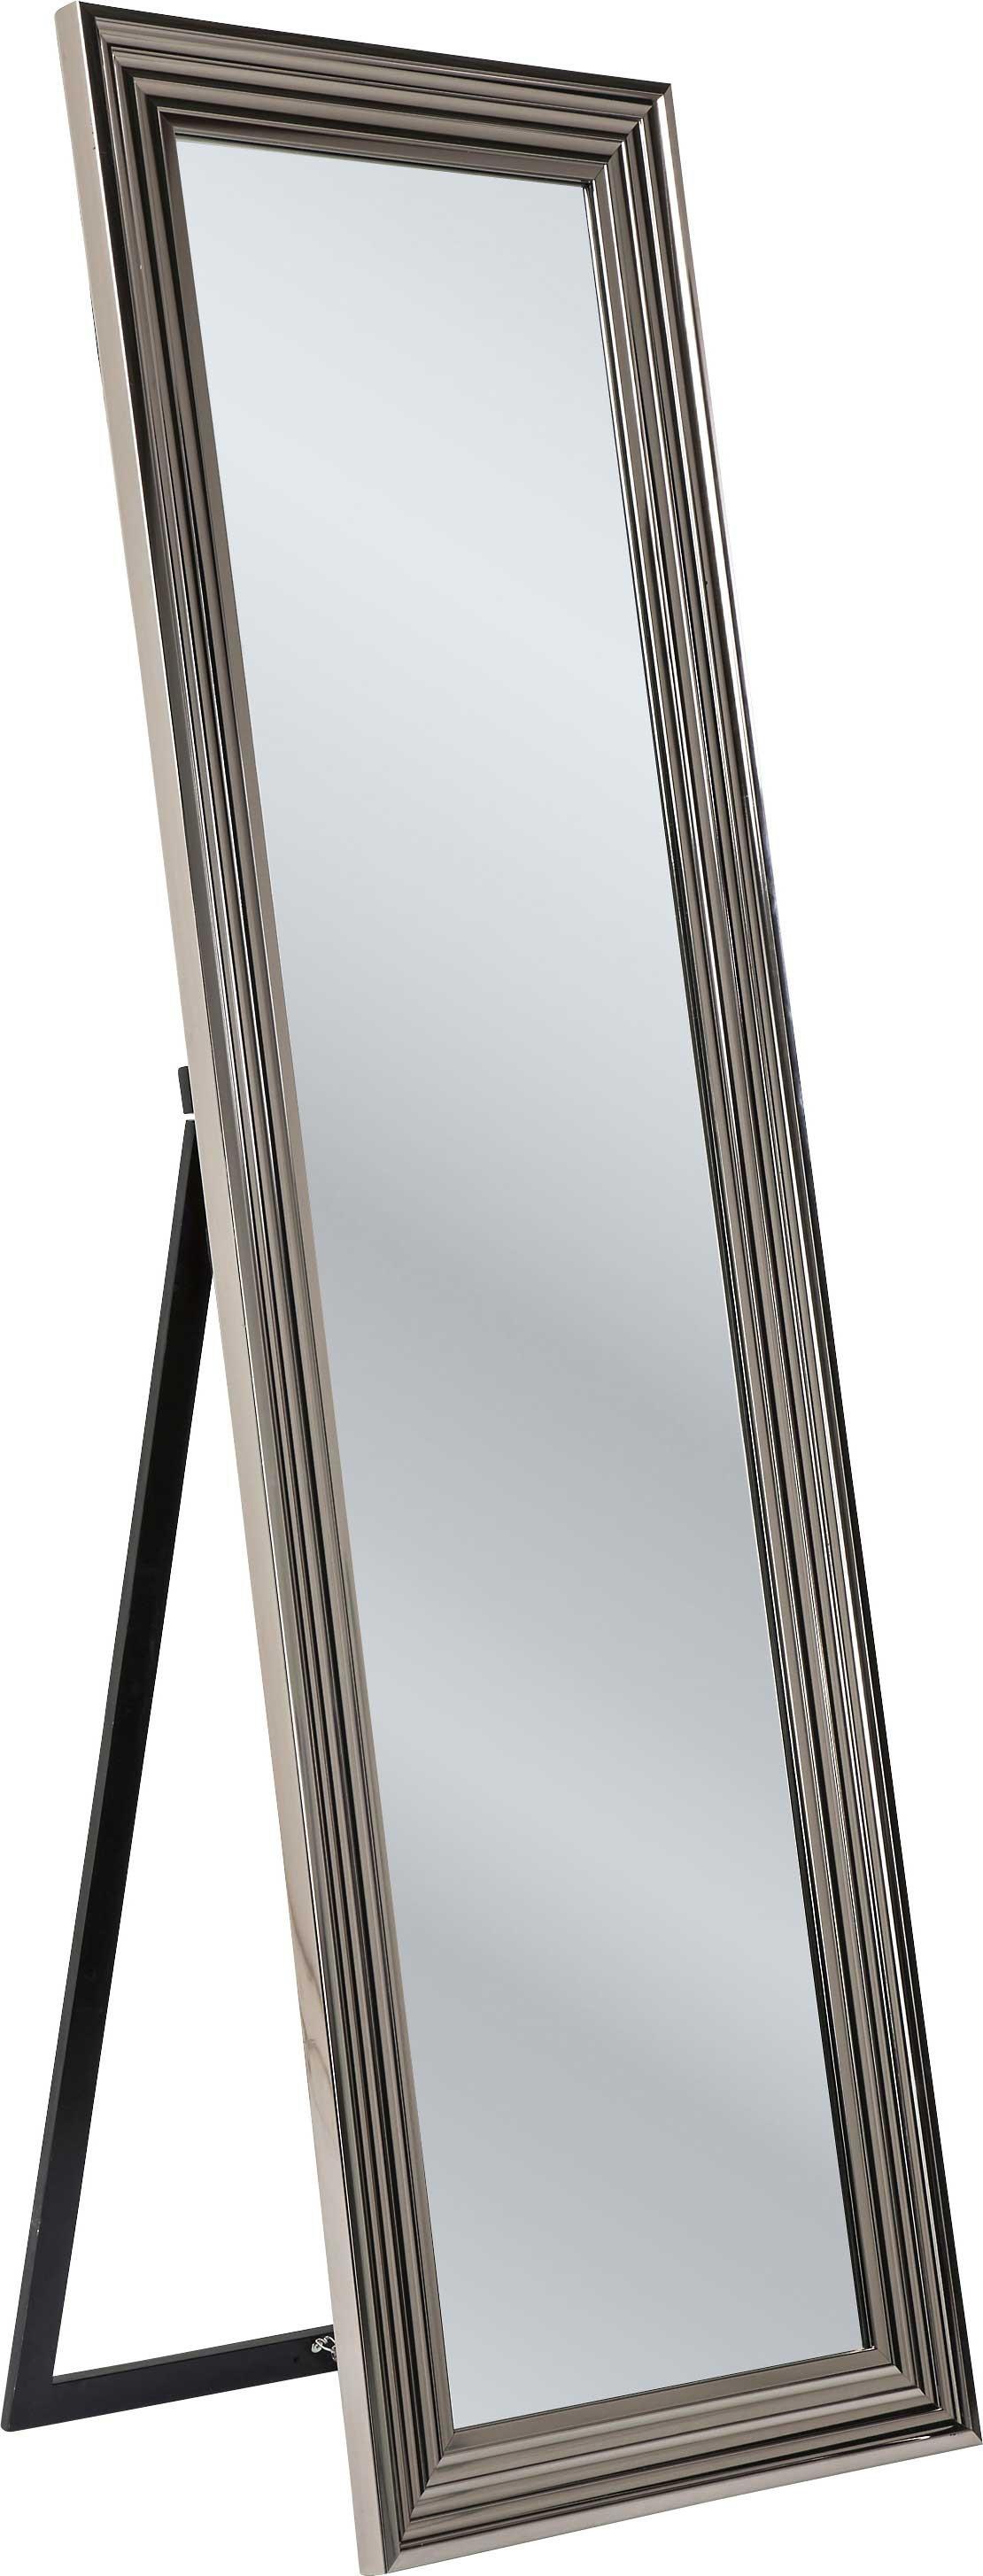 Miroir sur pied en métal argenté 180x55